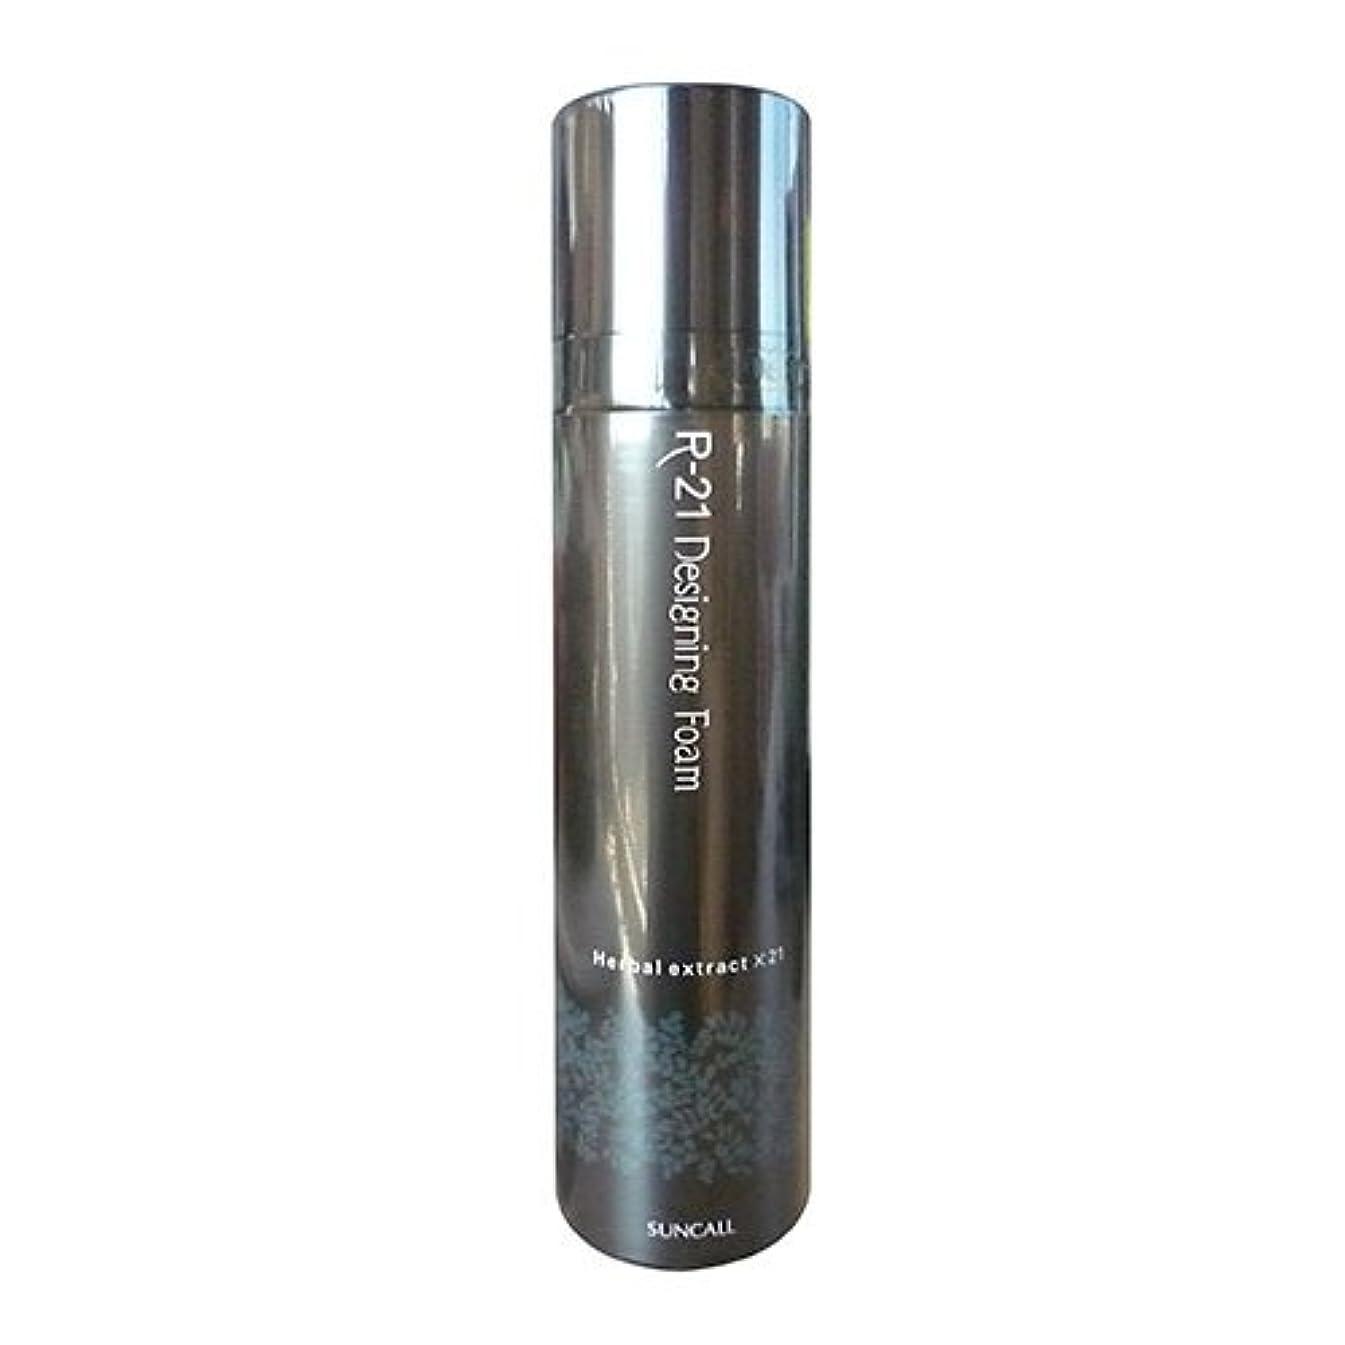 透過性炭素価値SUNCALL (サンコール) R-21 デザイニングフォーム 200g